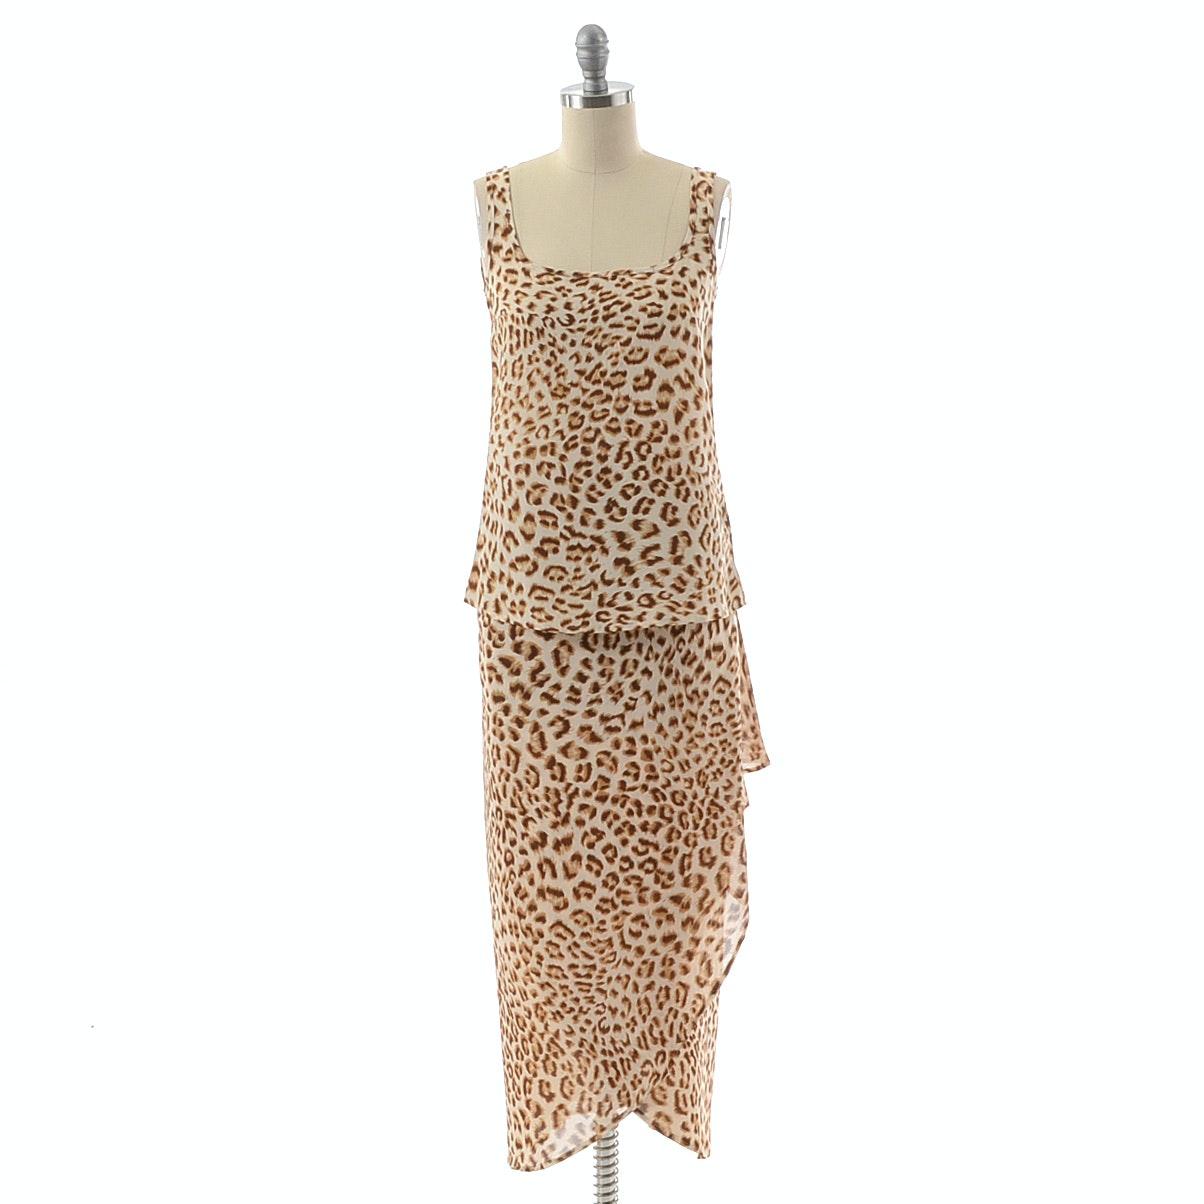 Escada by Margaretha Ley Cheetah Silk Print Sleeveless Blouse and Skirt Ensemble